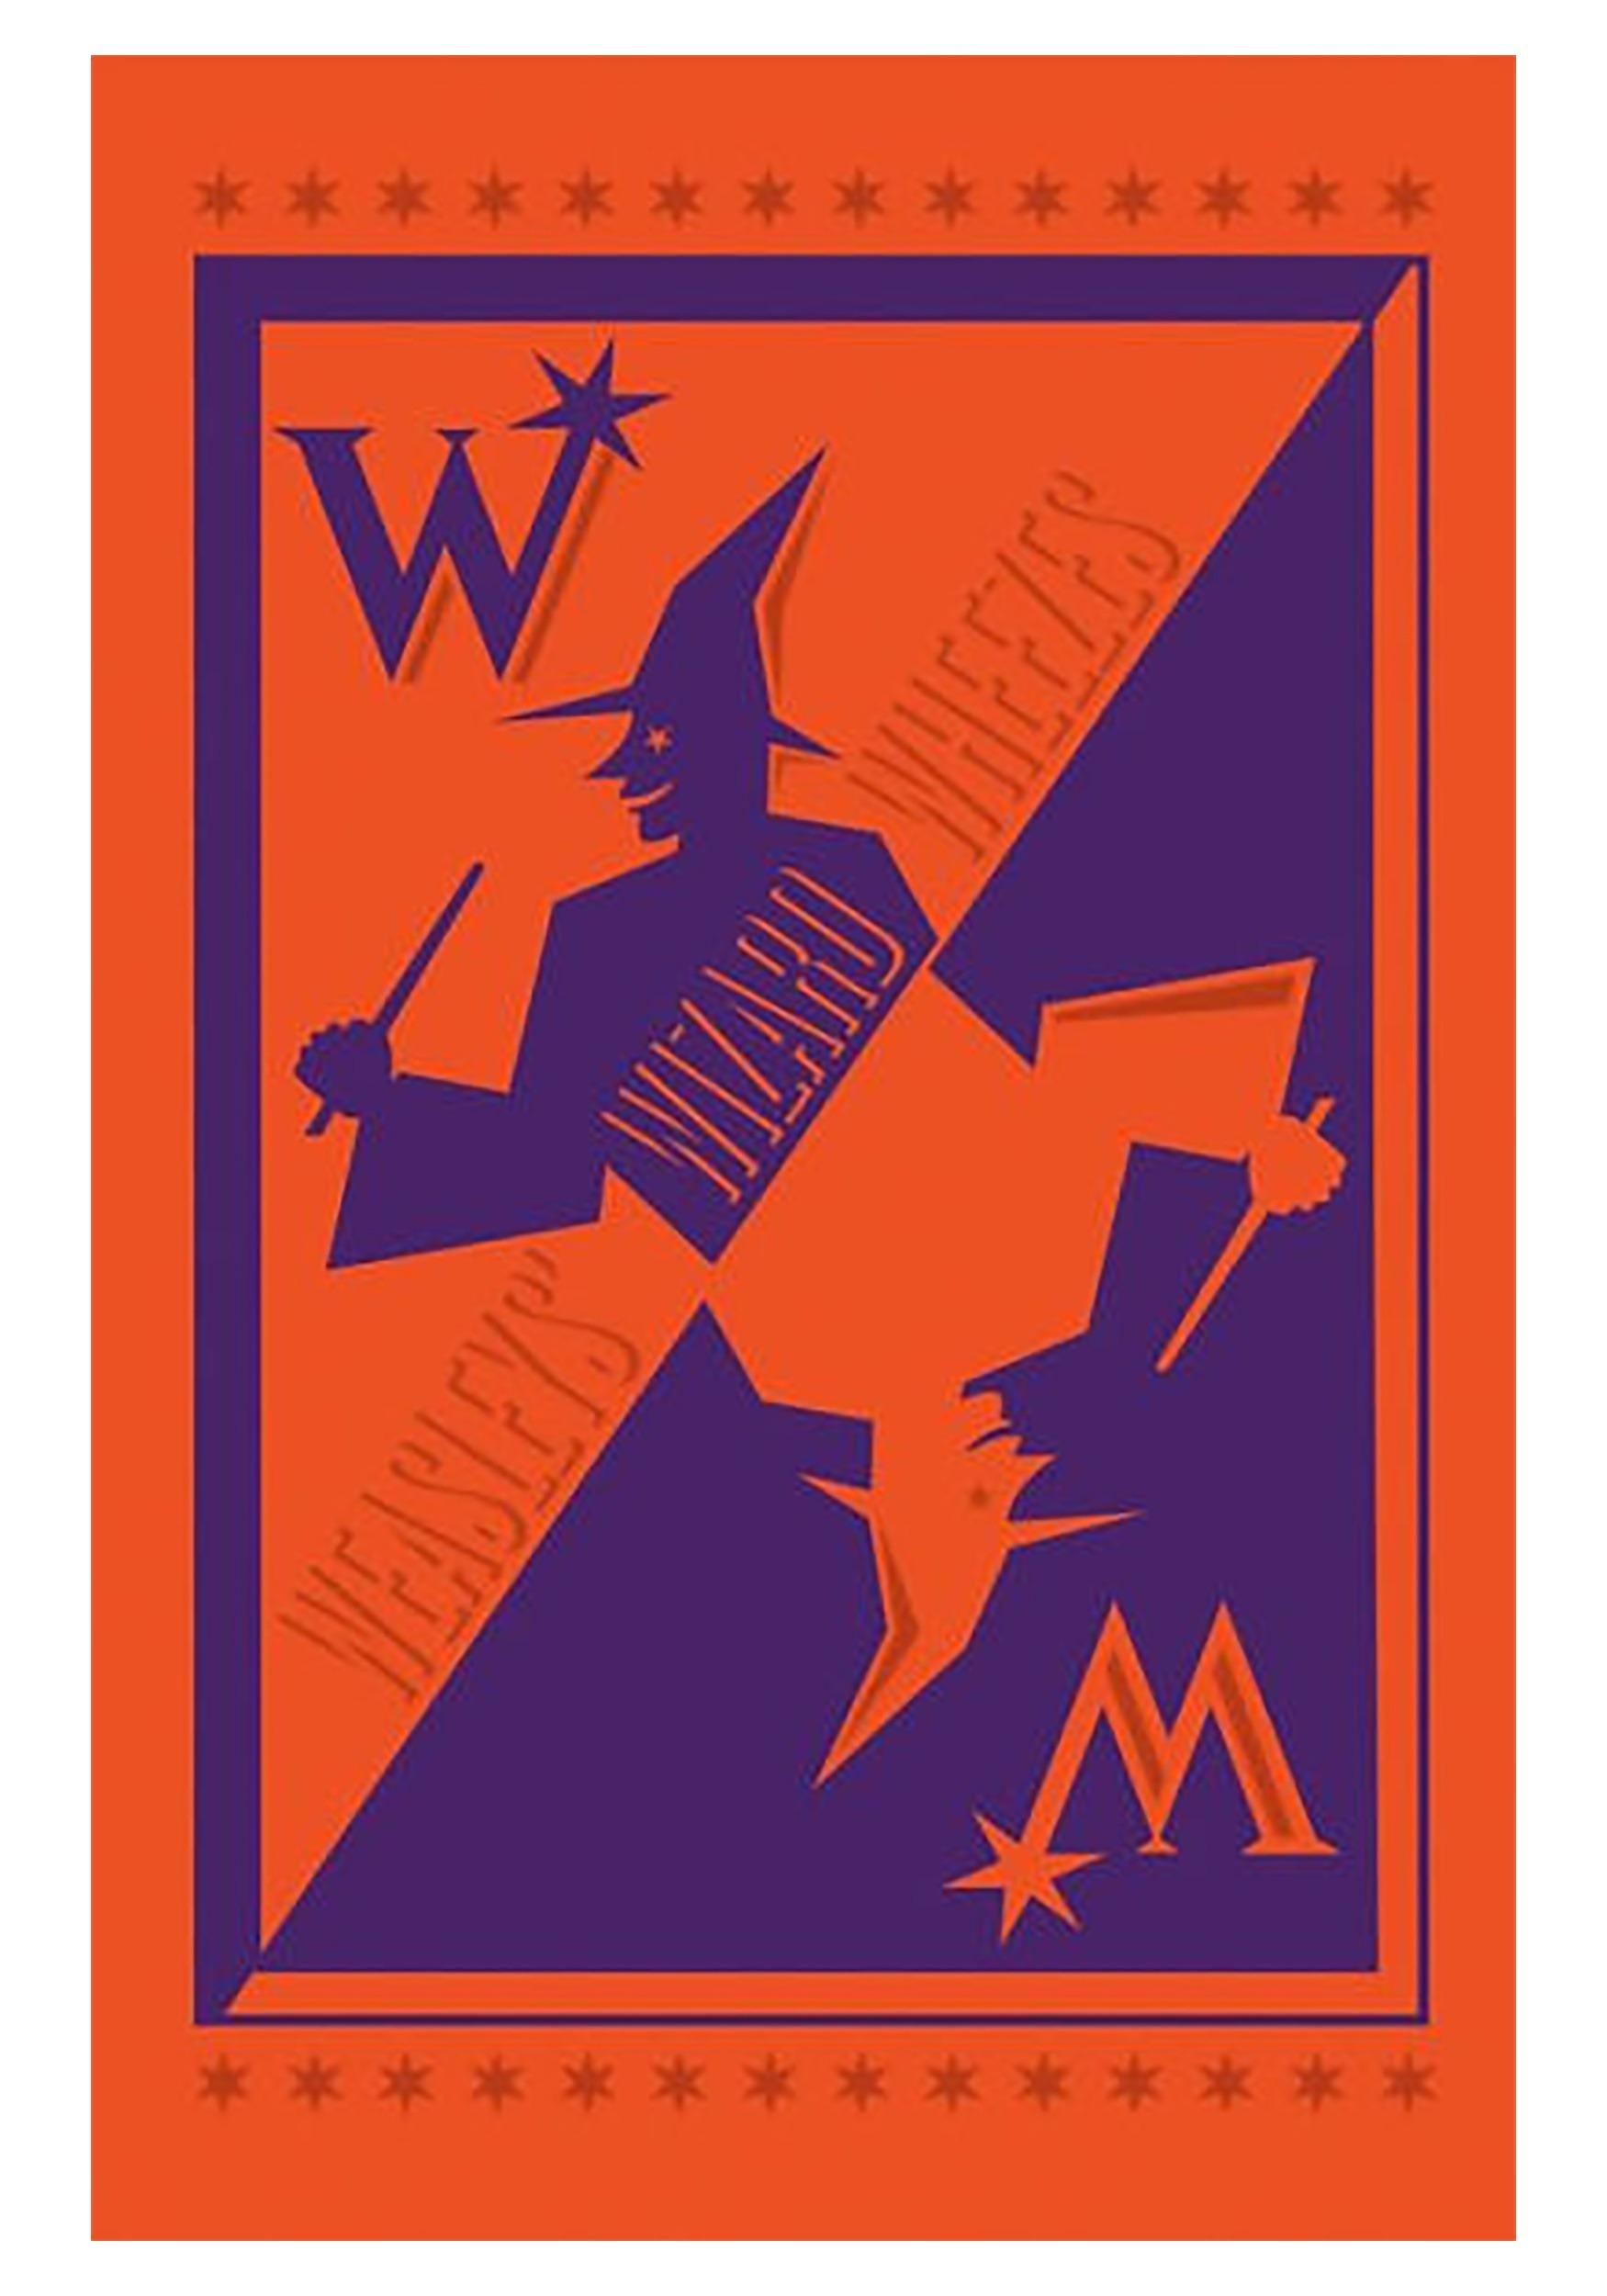 Harry Potter: Weasleys\' Wizard Wheezes Desktop Stationery.